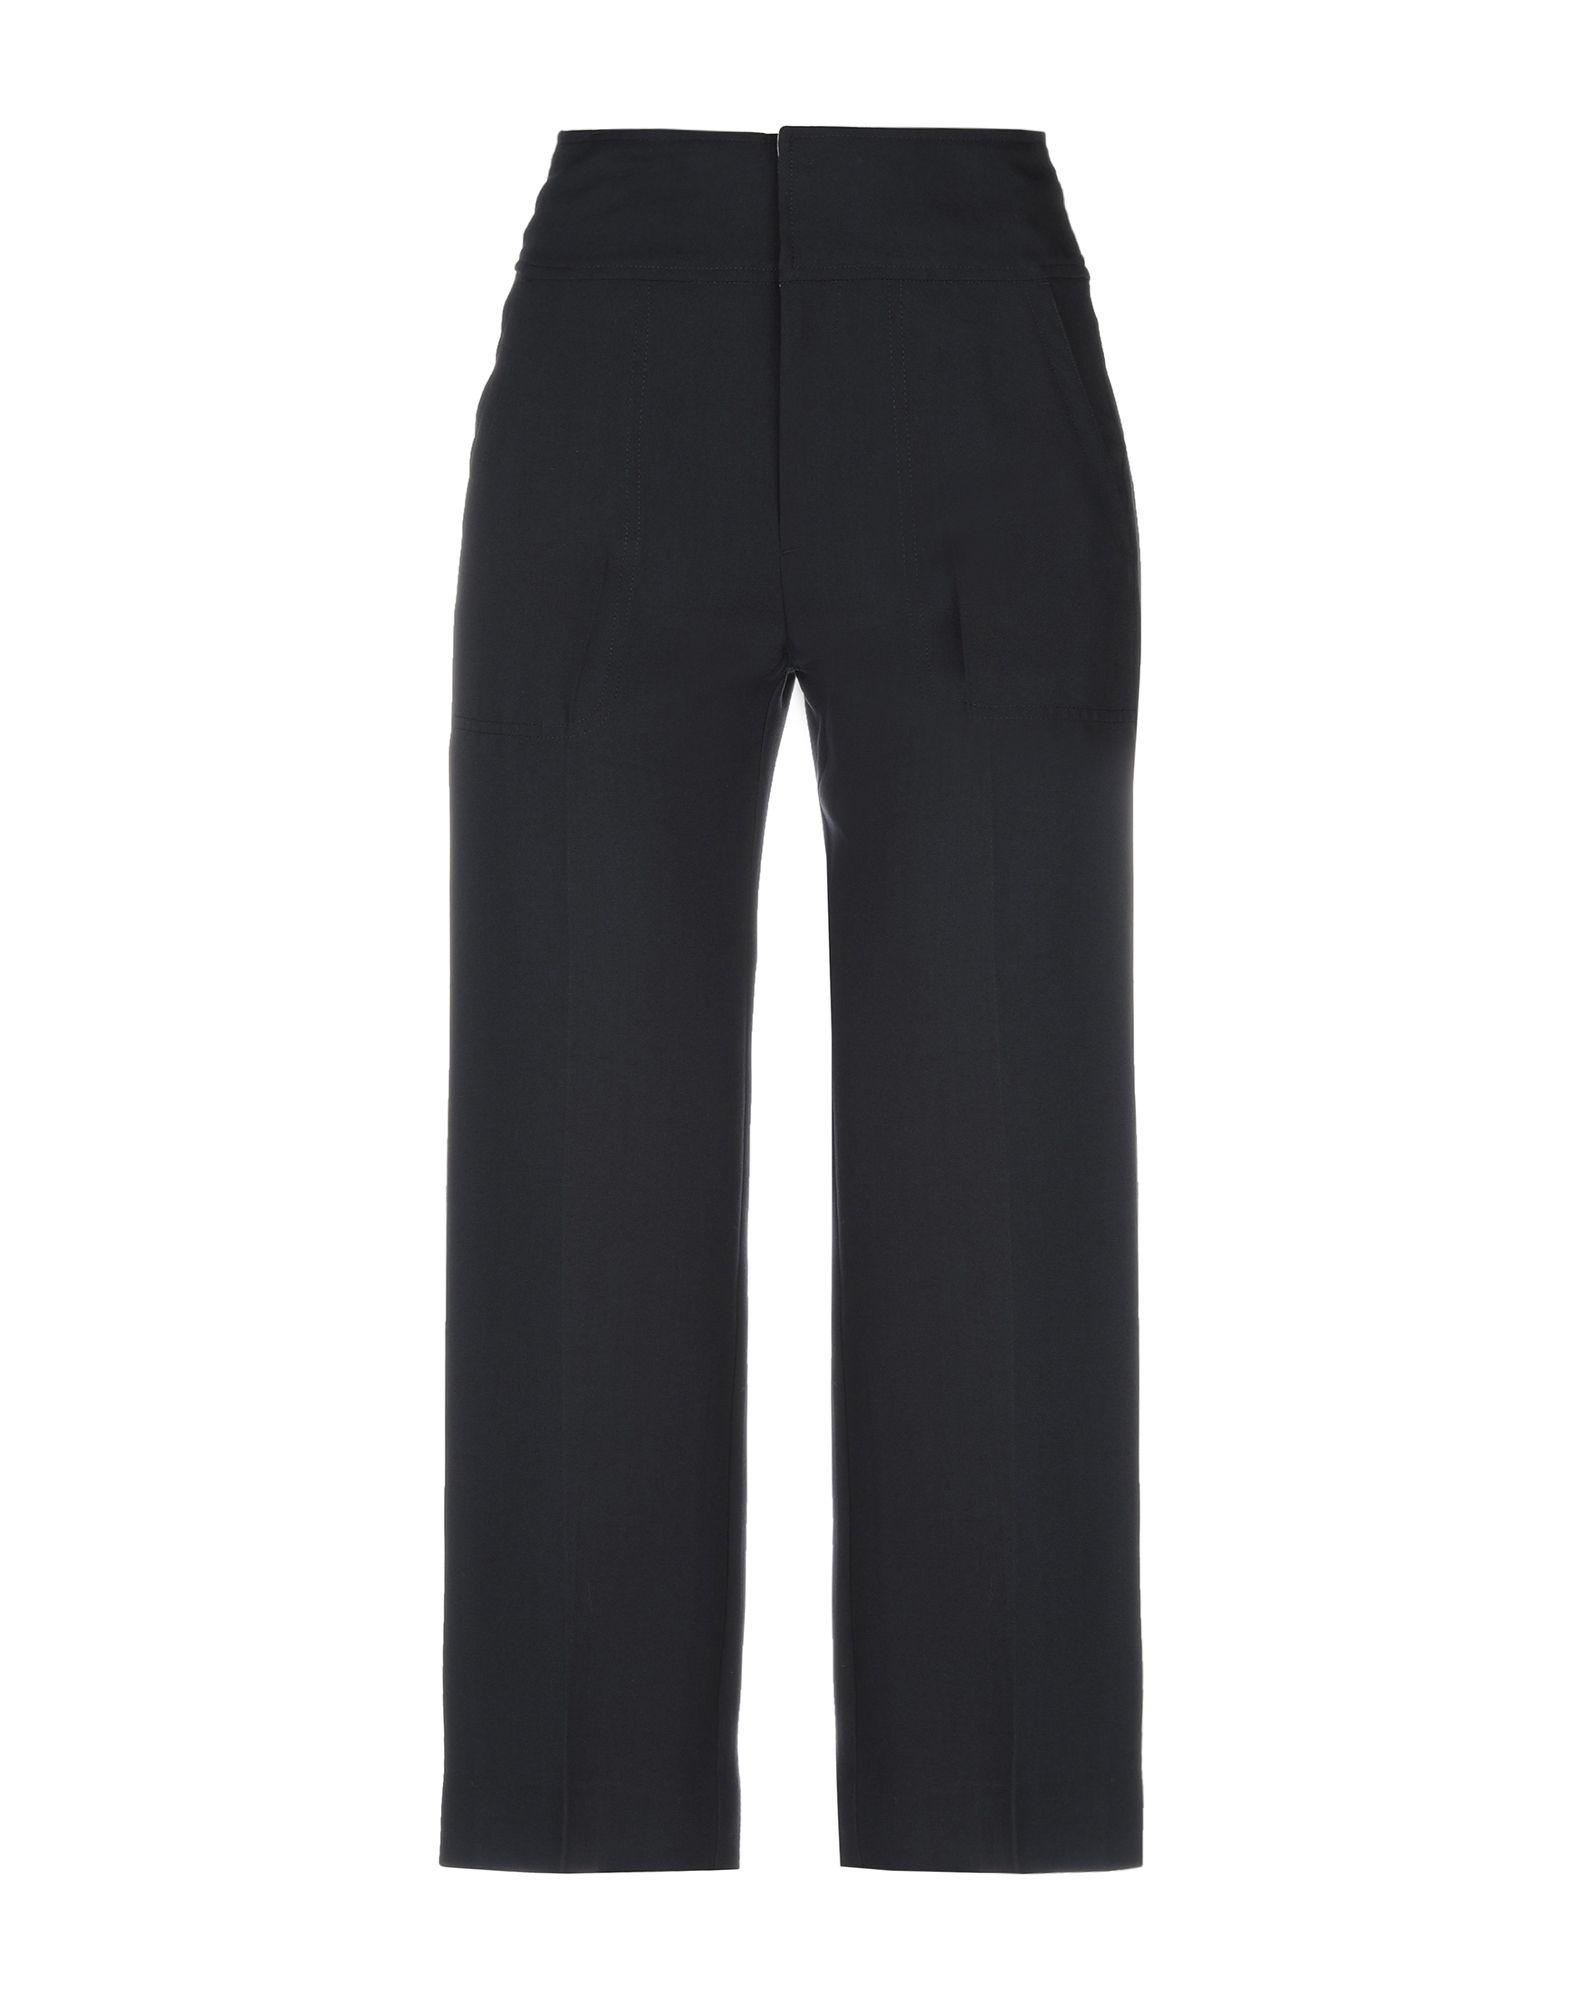 Muveil Casual Pants In Steel Grey